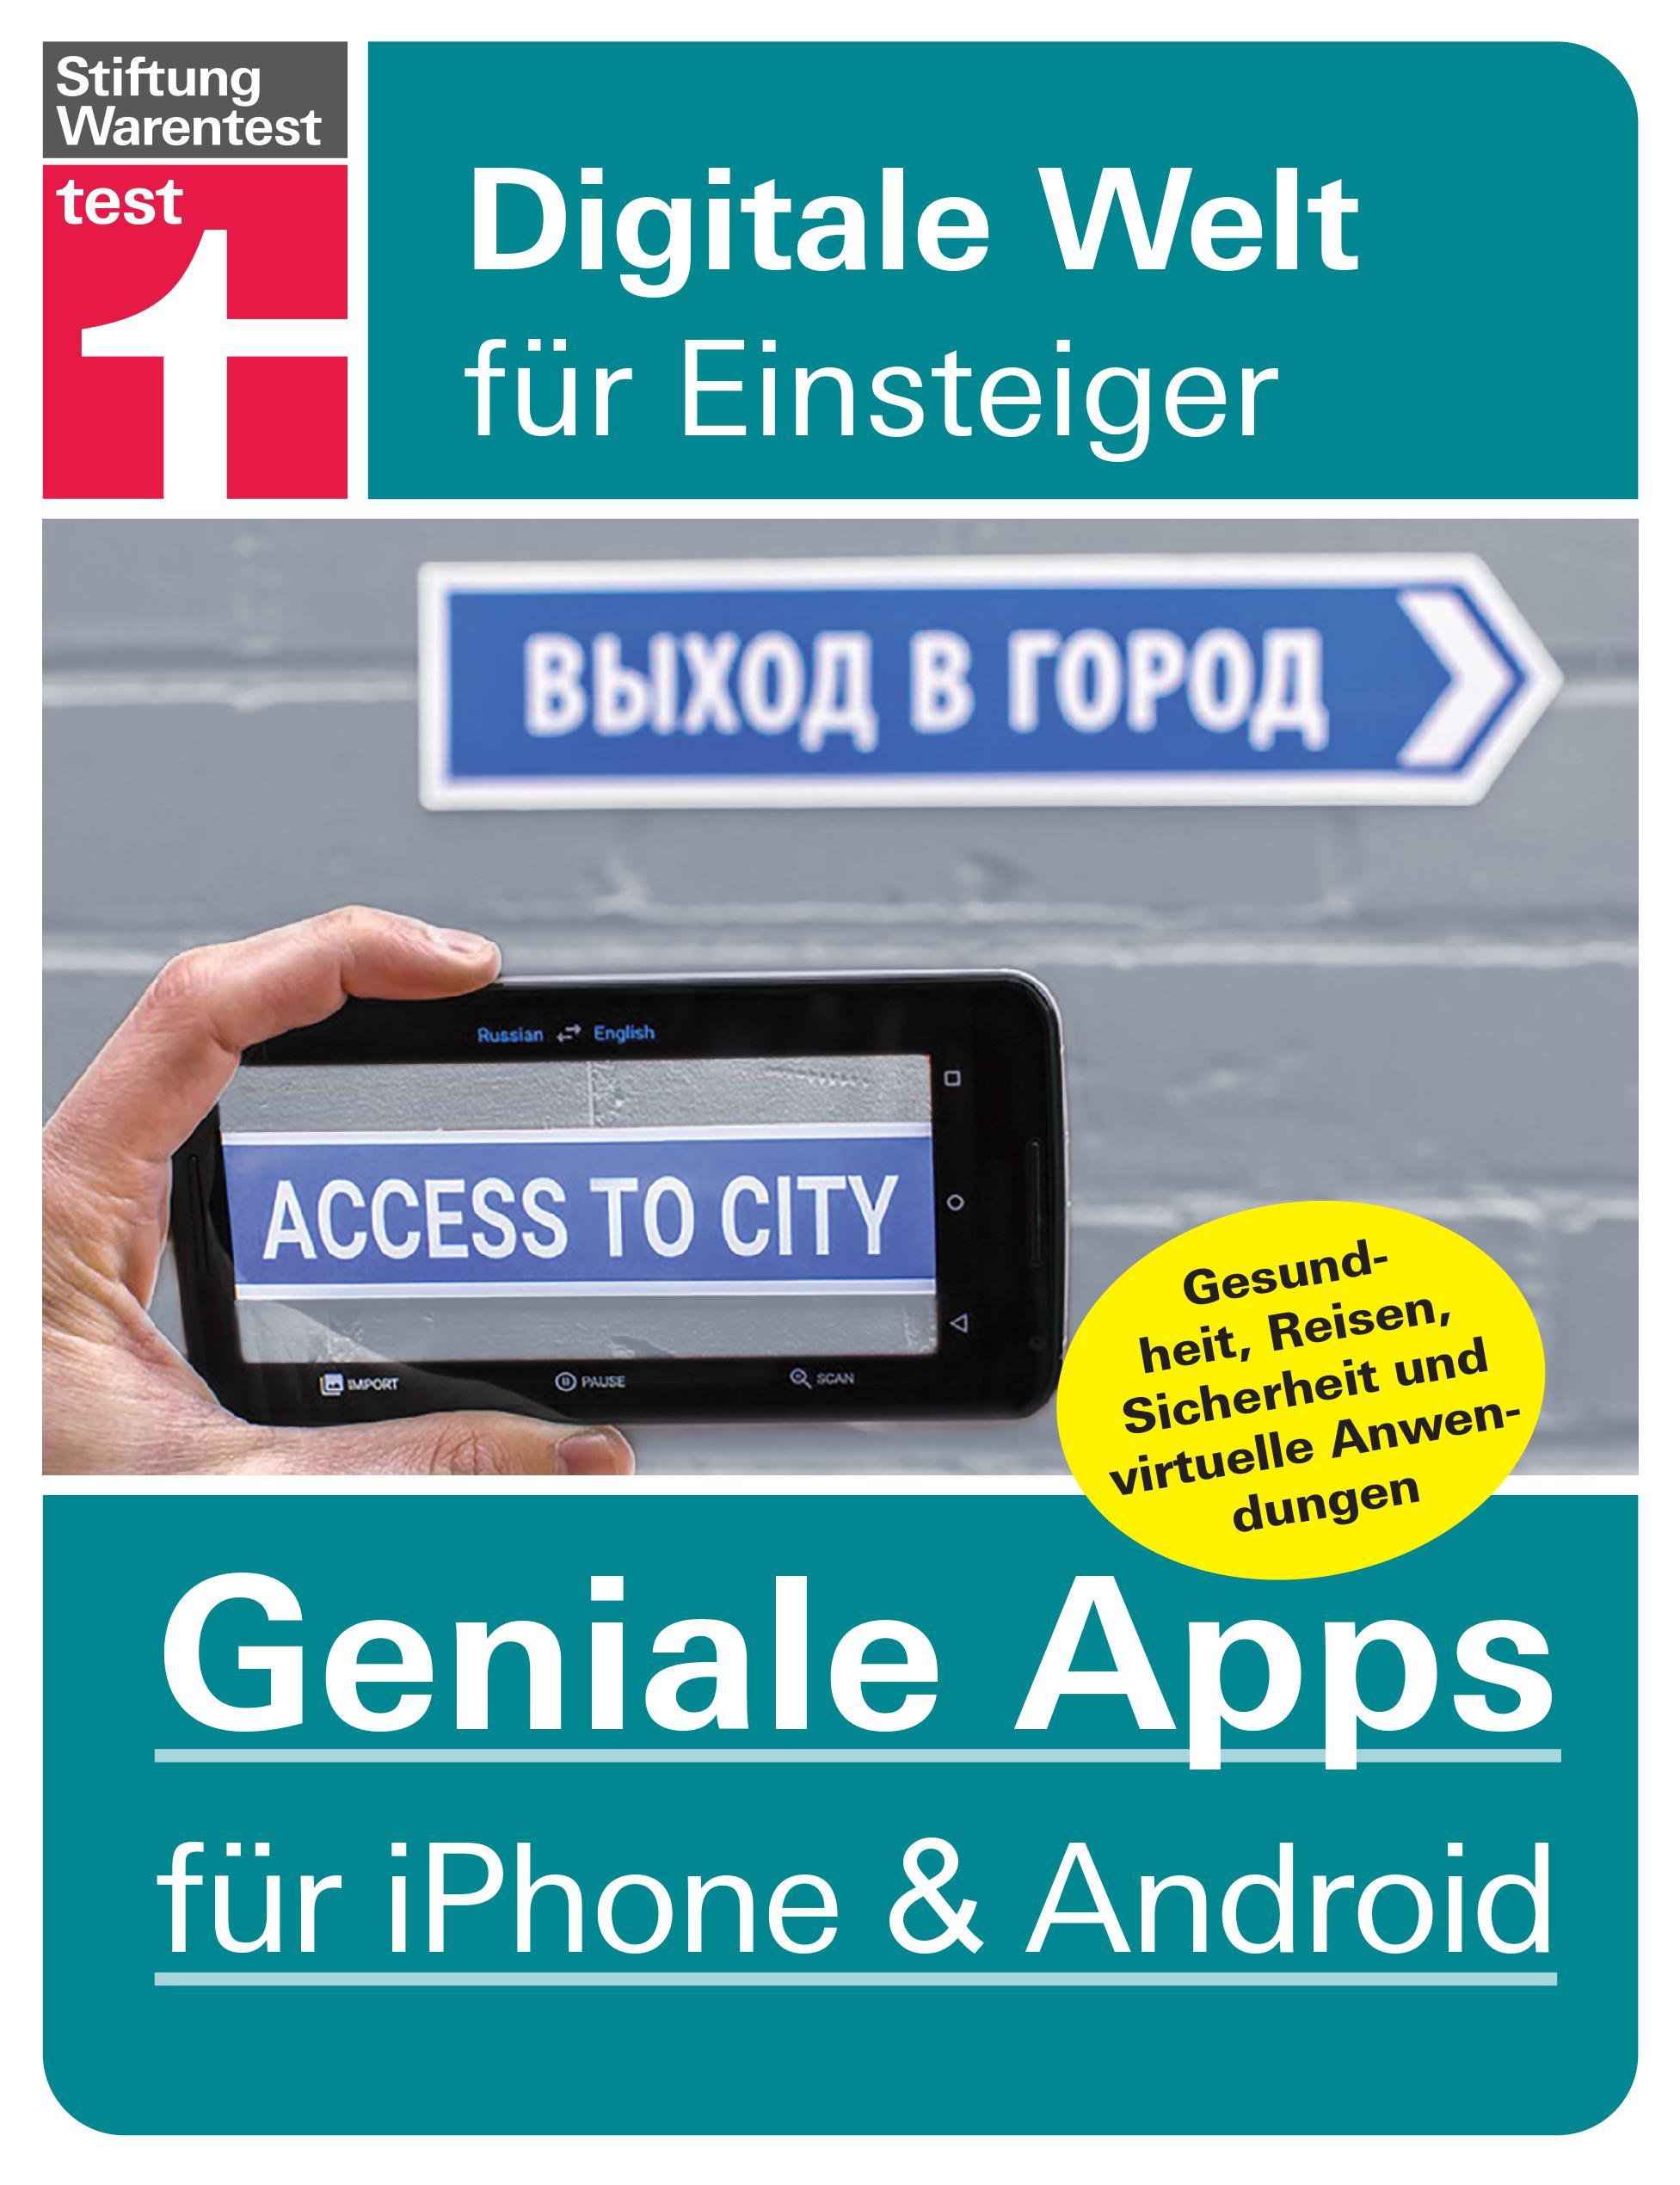 Geniale Apps